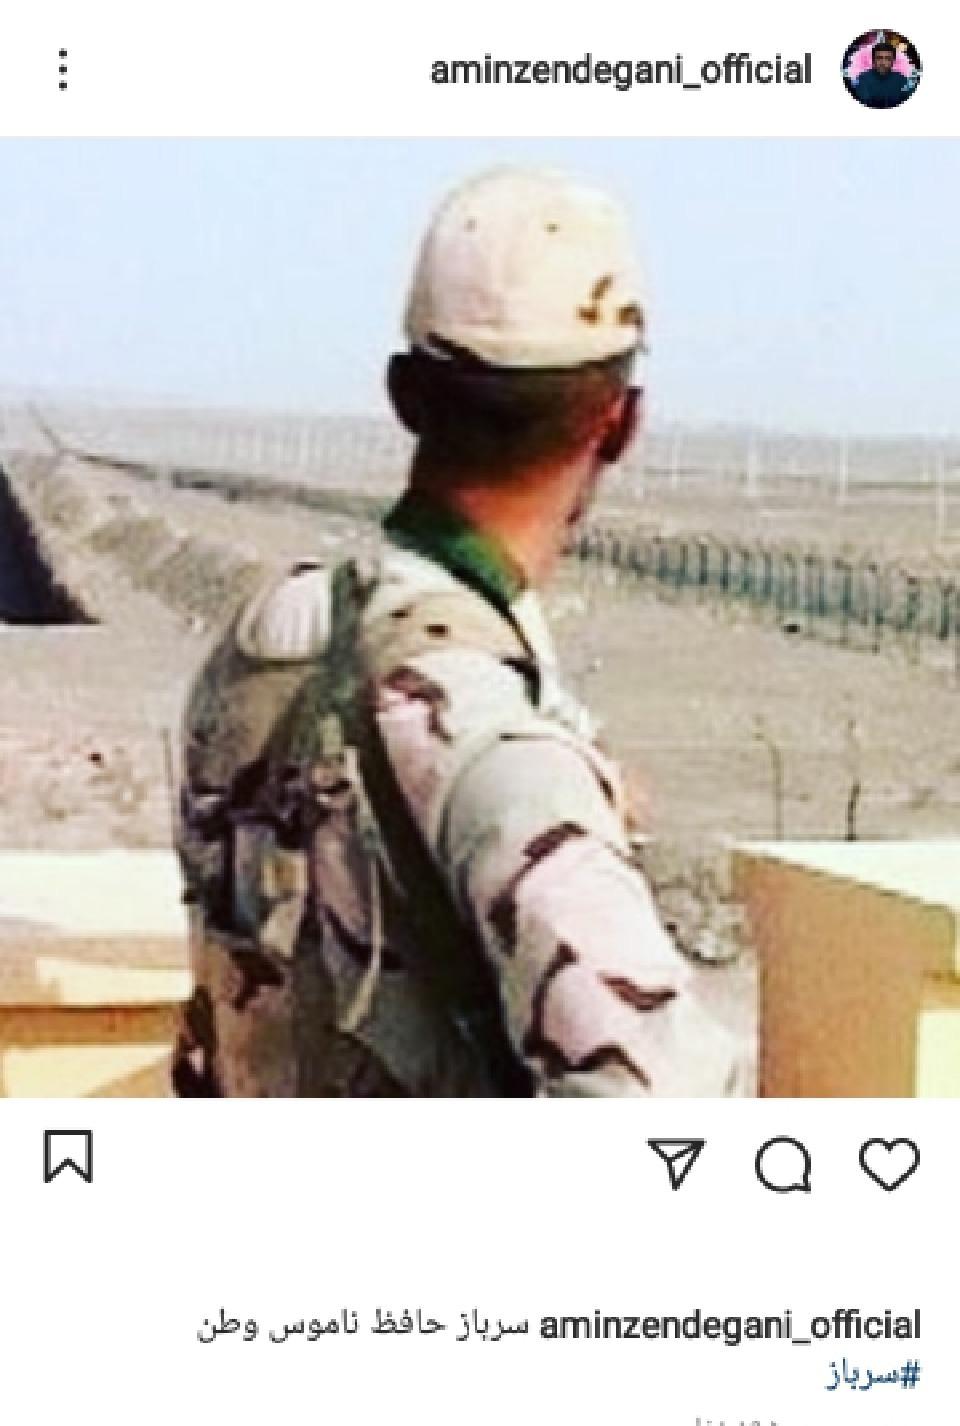 واکنش امین زندگانی به کتک زدن سرباز